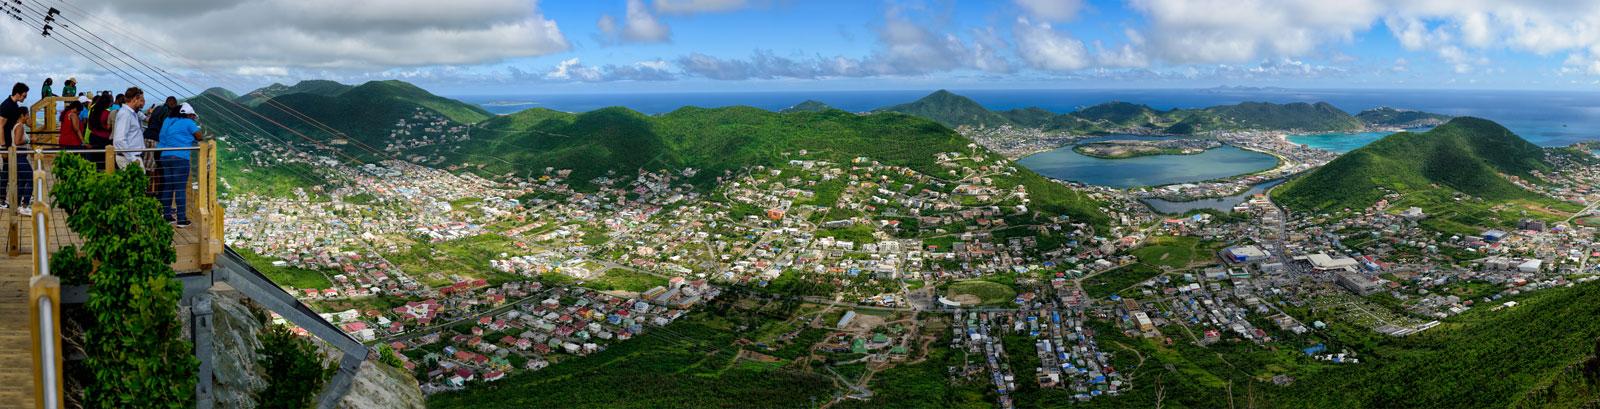 Rainforest Adventures St. Maarten